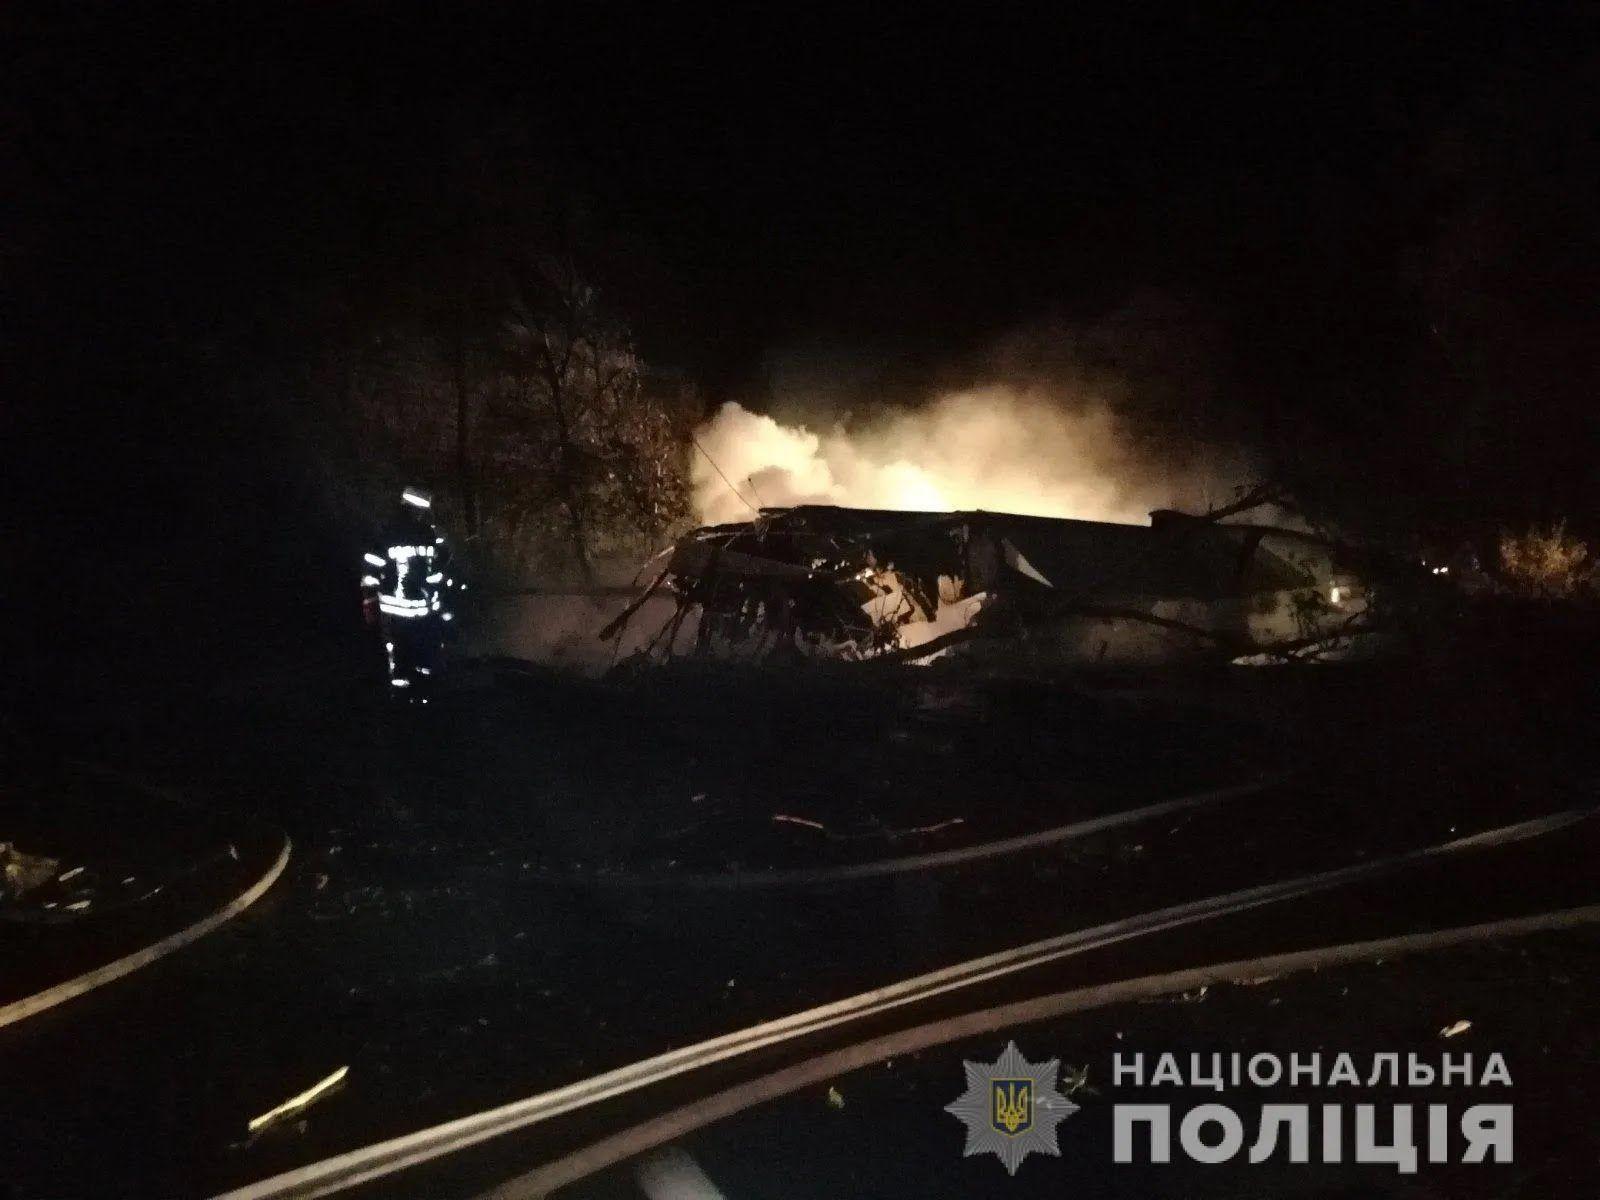 Самолет упал на расстоянии около 2 км до военного аэропорта